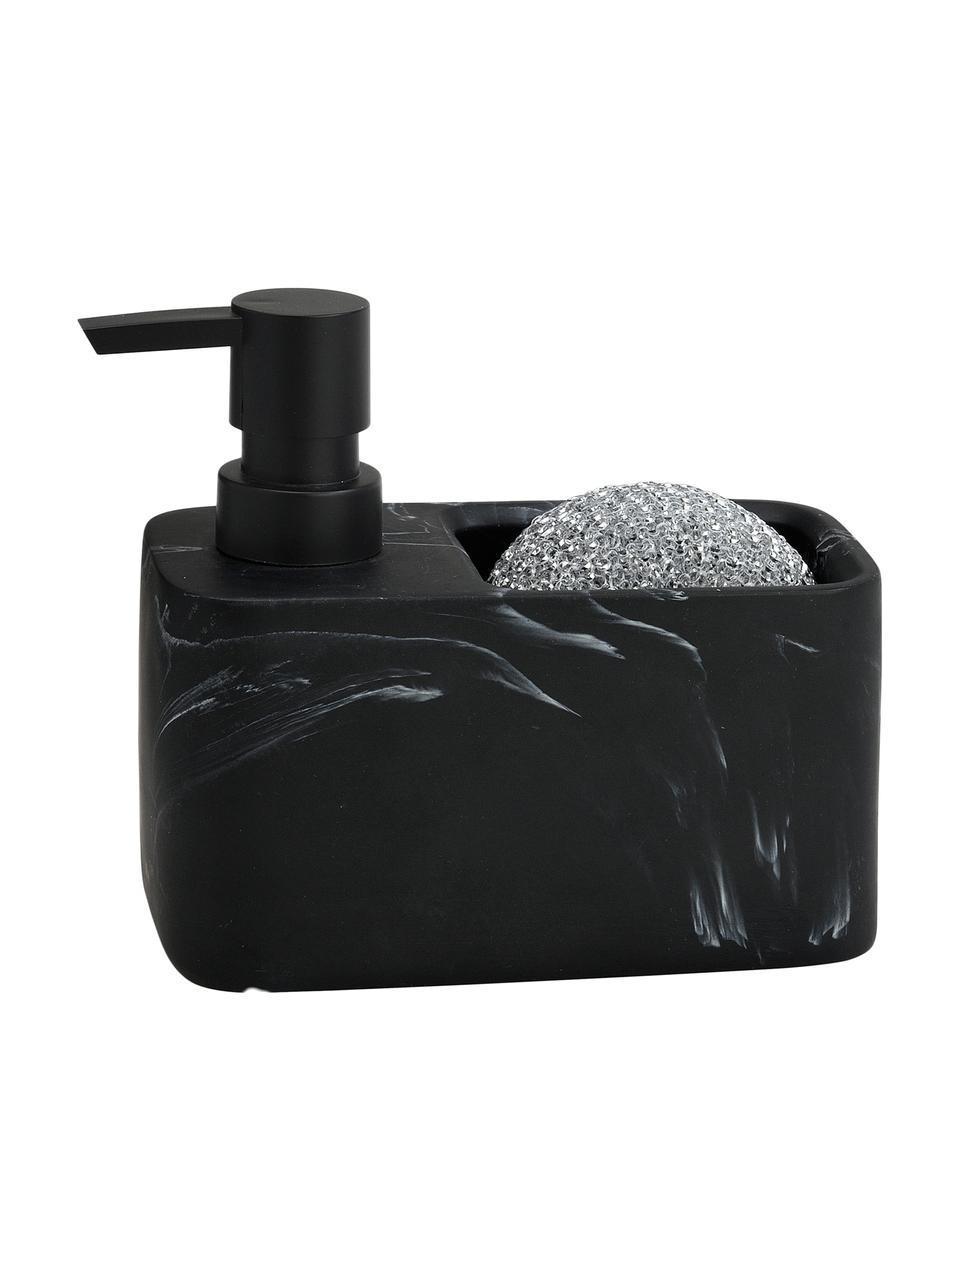 Dozownik na płyn do naczyń z gąbką Galia, Czarny, marmurowy, odcienie srebrnego, S 15 x W 14 cm